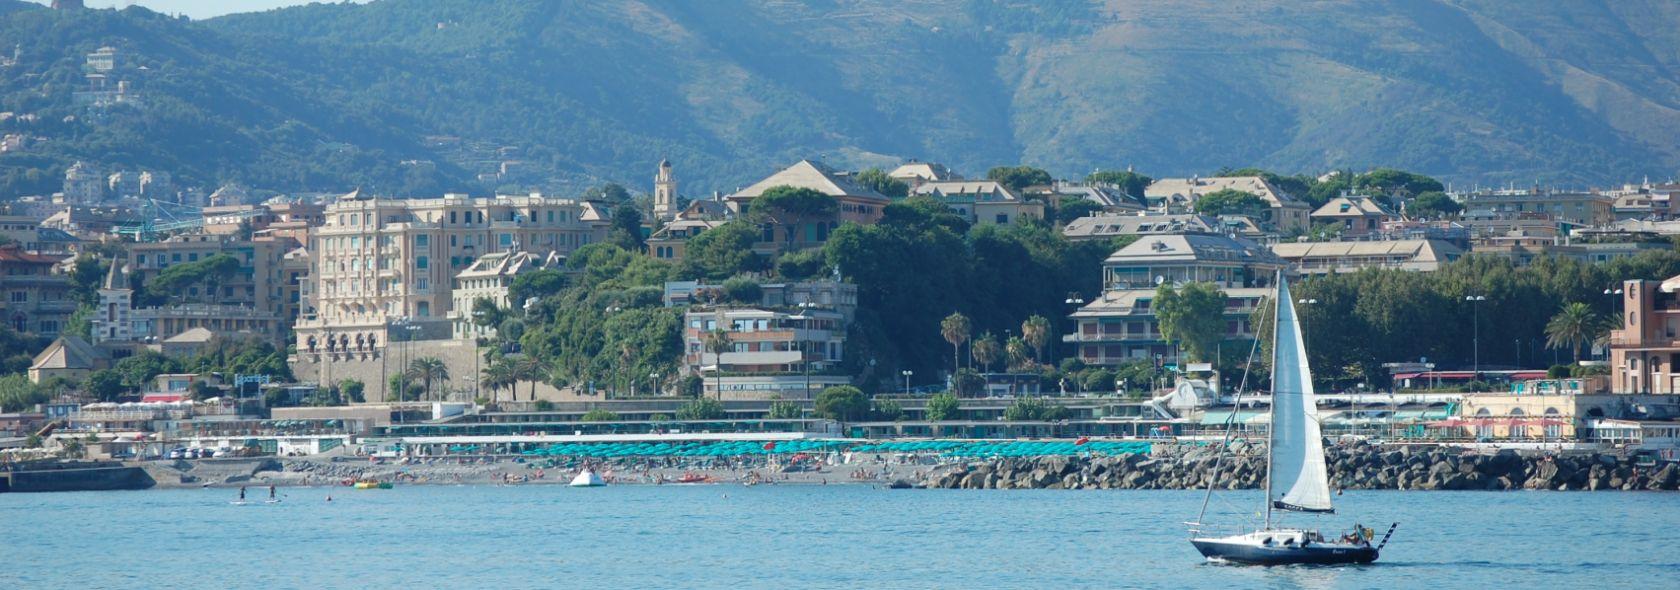 Das meer und die Strände: Corso Italia